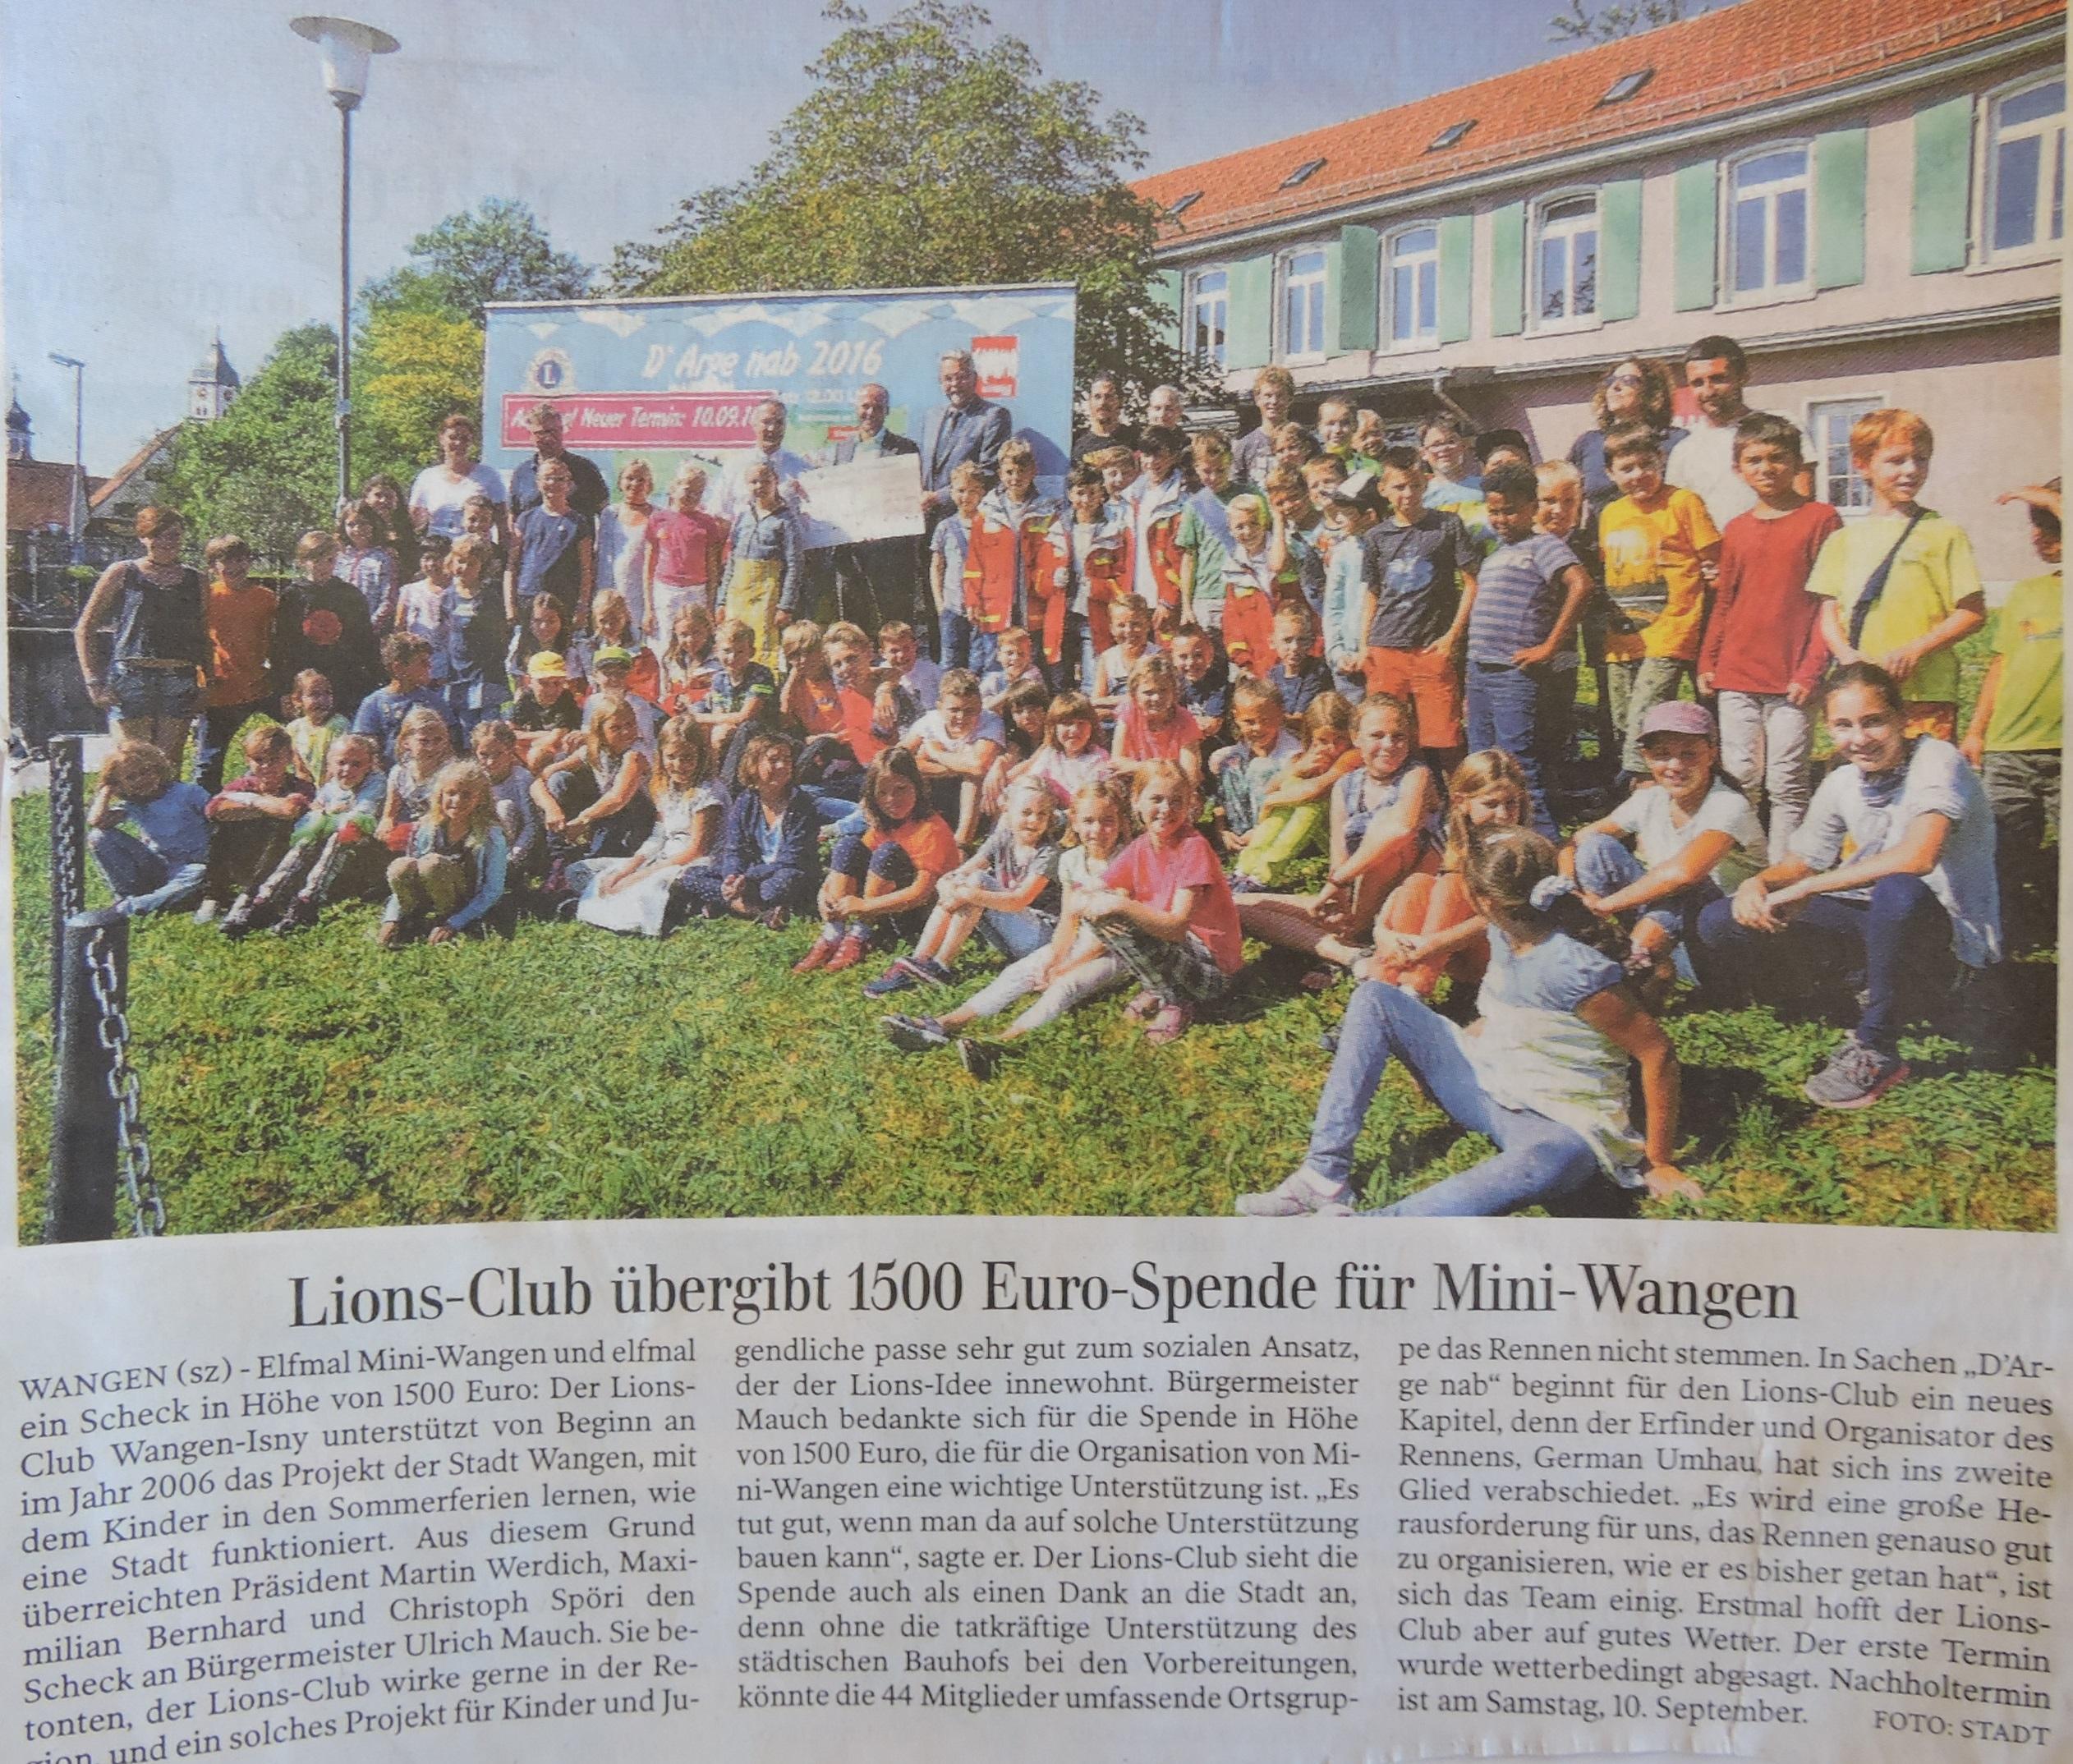 Lions Club Übergabe Scheck